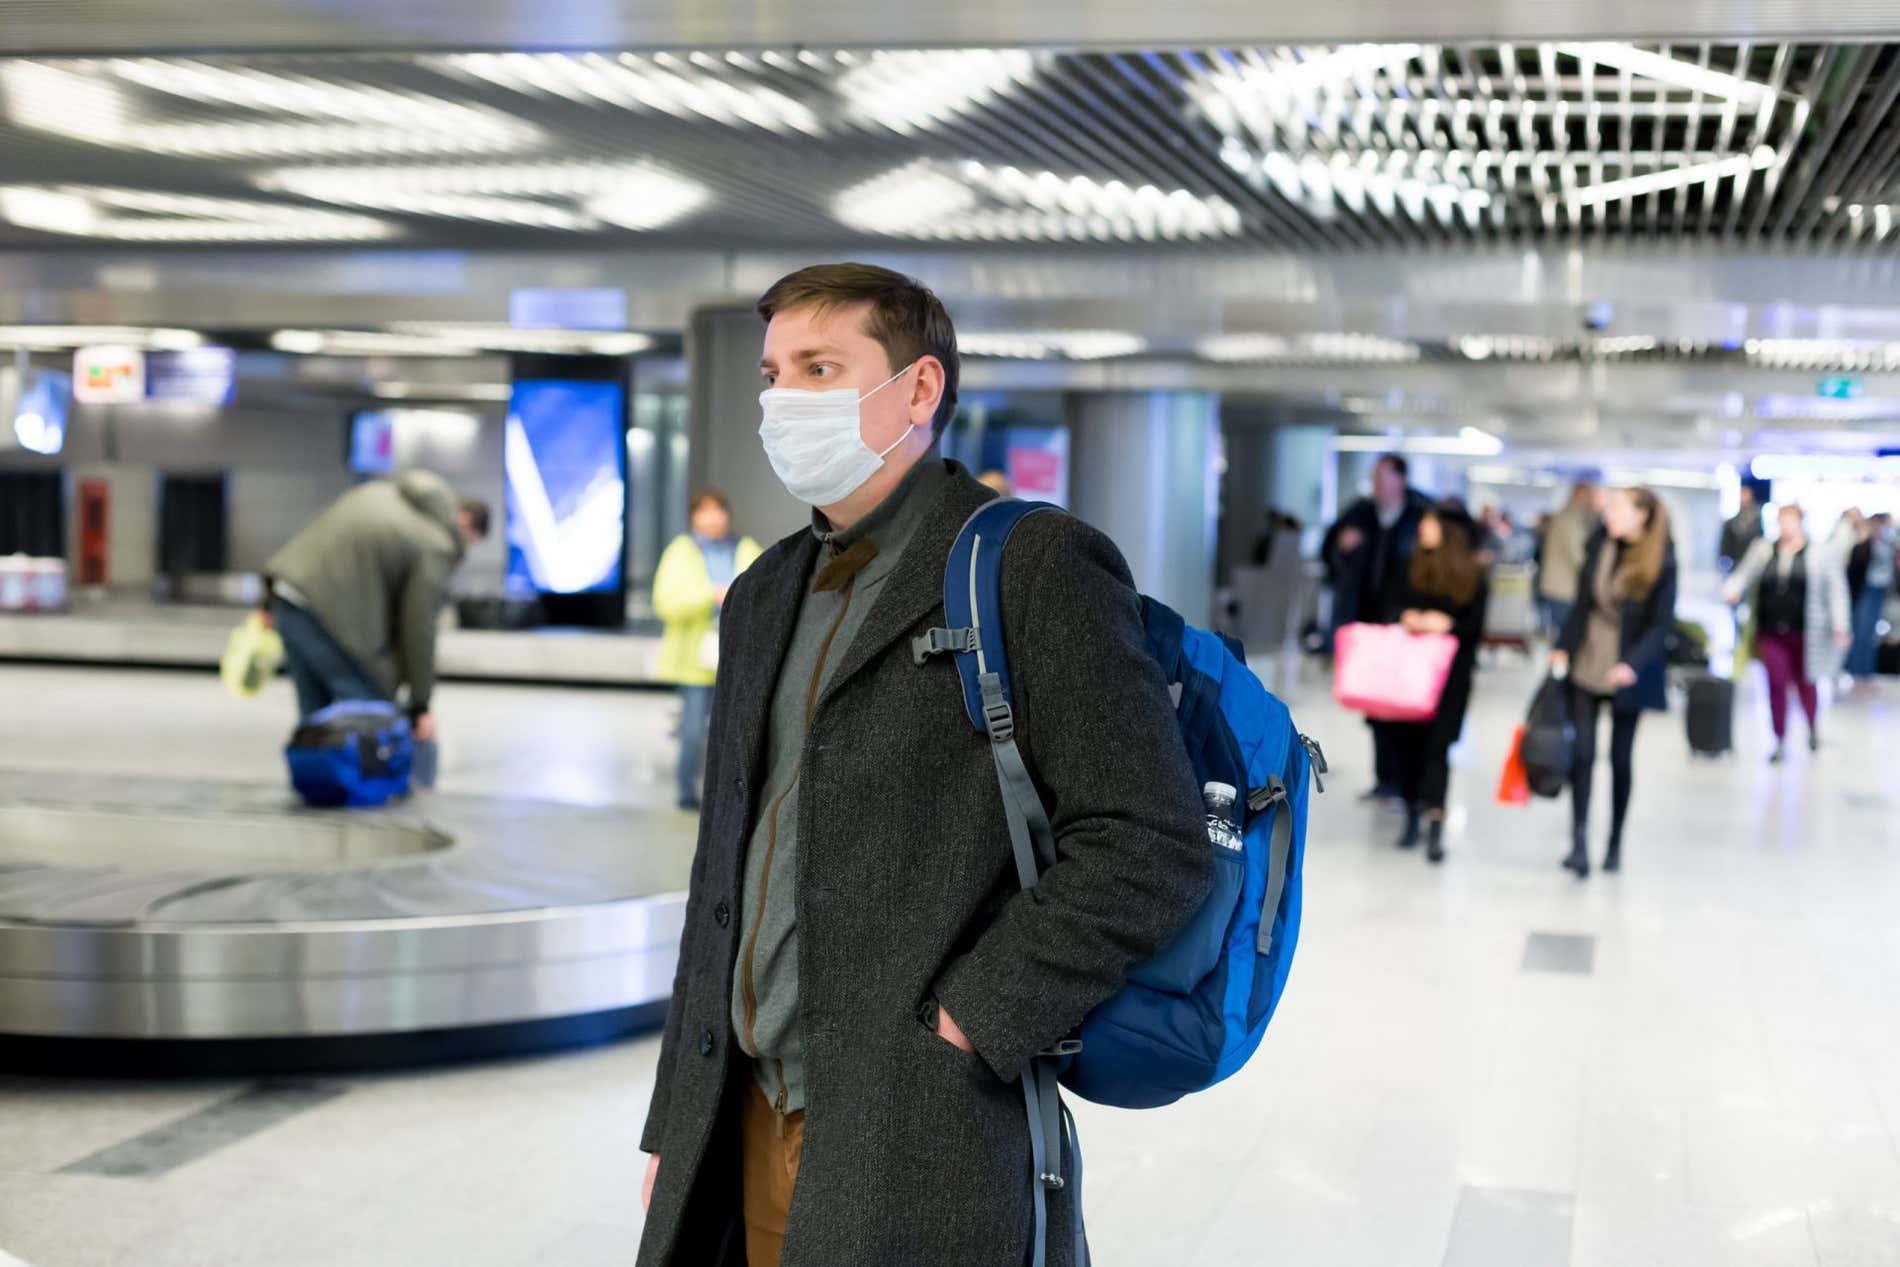 Consejos y recomendaciones para volver a viajar con seguridad